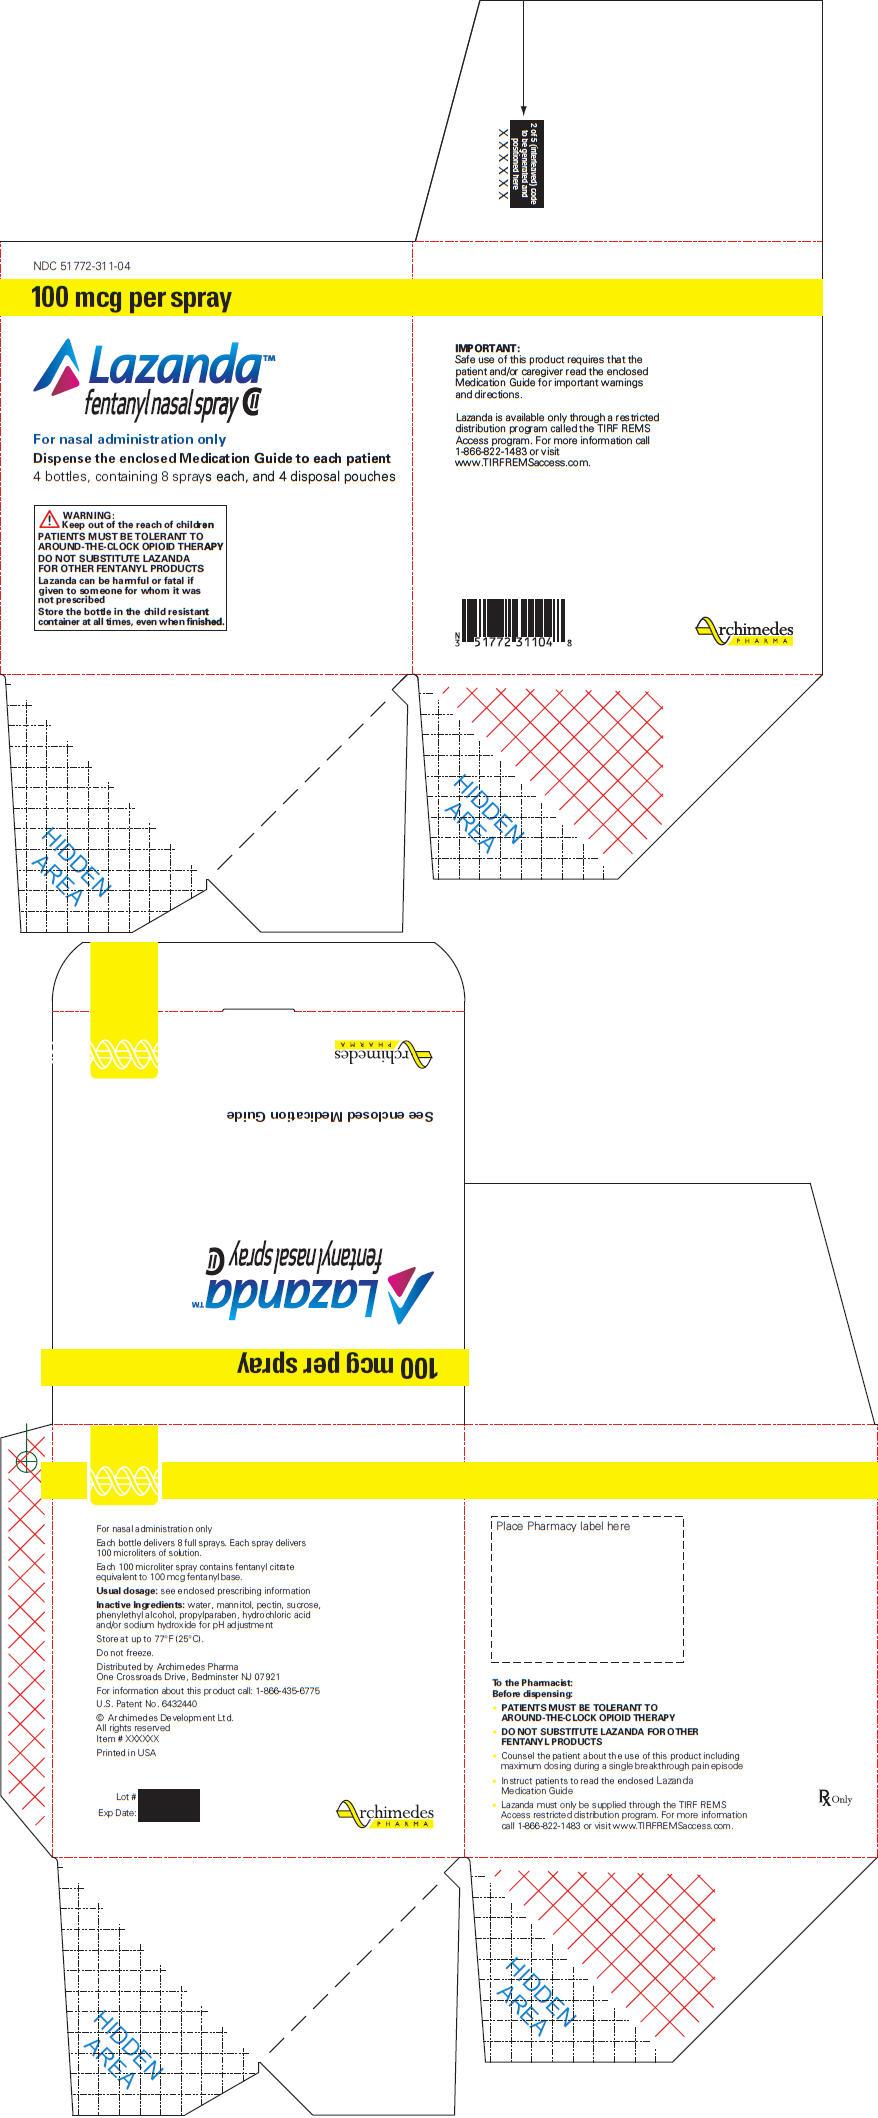 PRINCIPAL DISPLAY PANEL - 100 mcg Carton